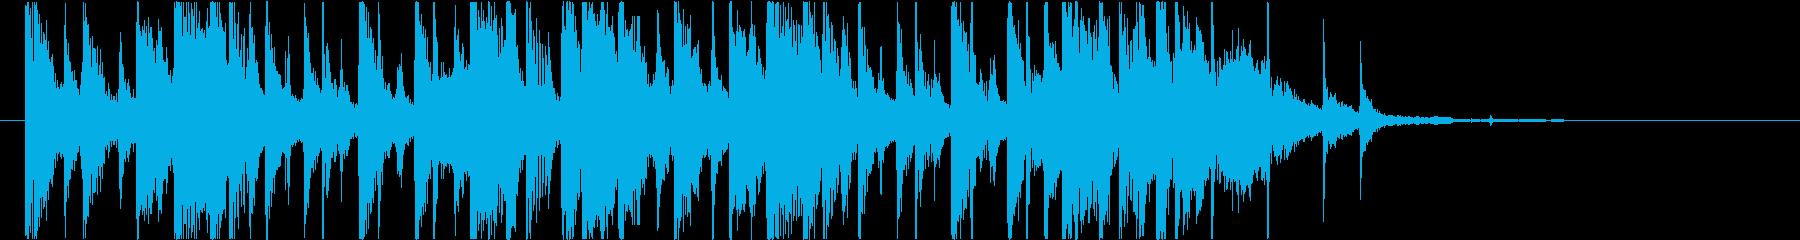 【南国効果音】熱気の風の再生済みの波形